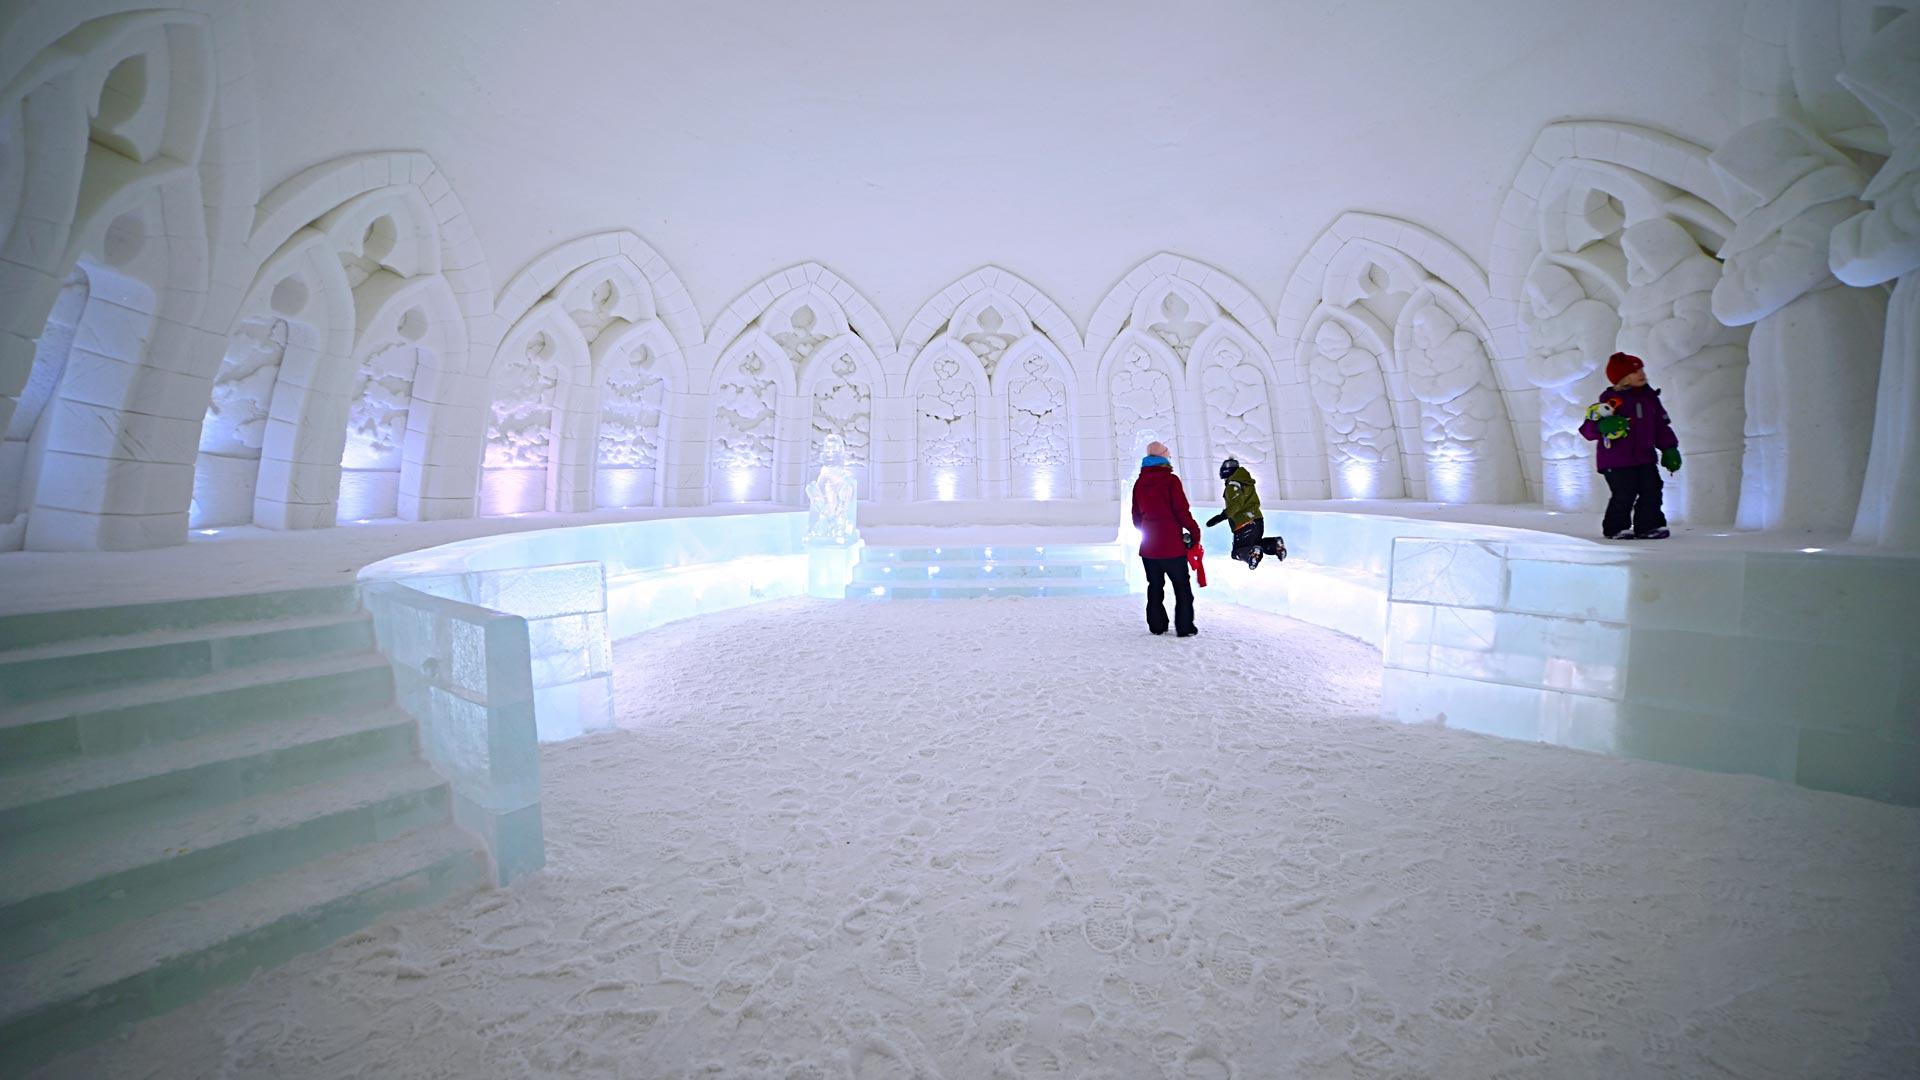 Jää- ja lumitaide hurmaa huolellisilla yksityiskohdillaan.